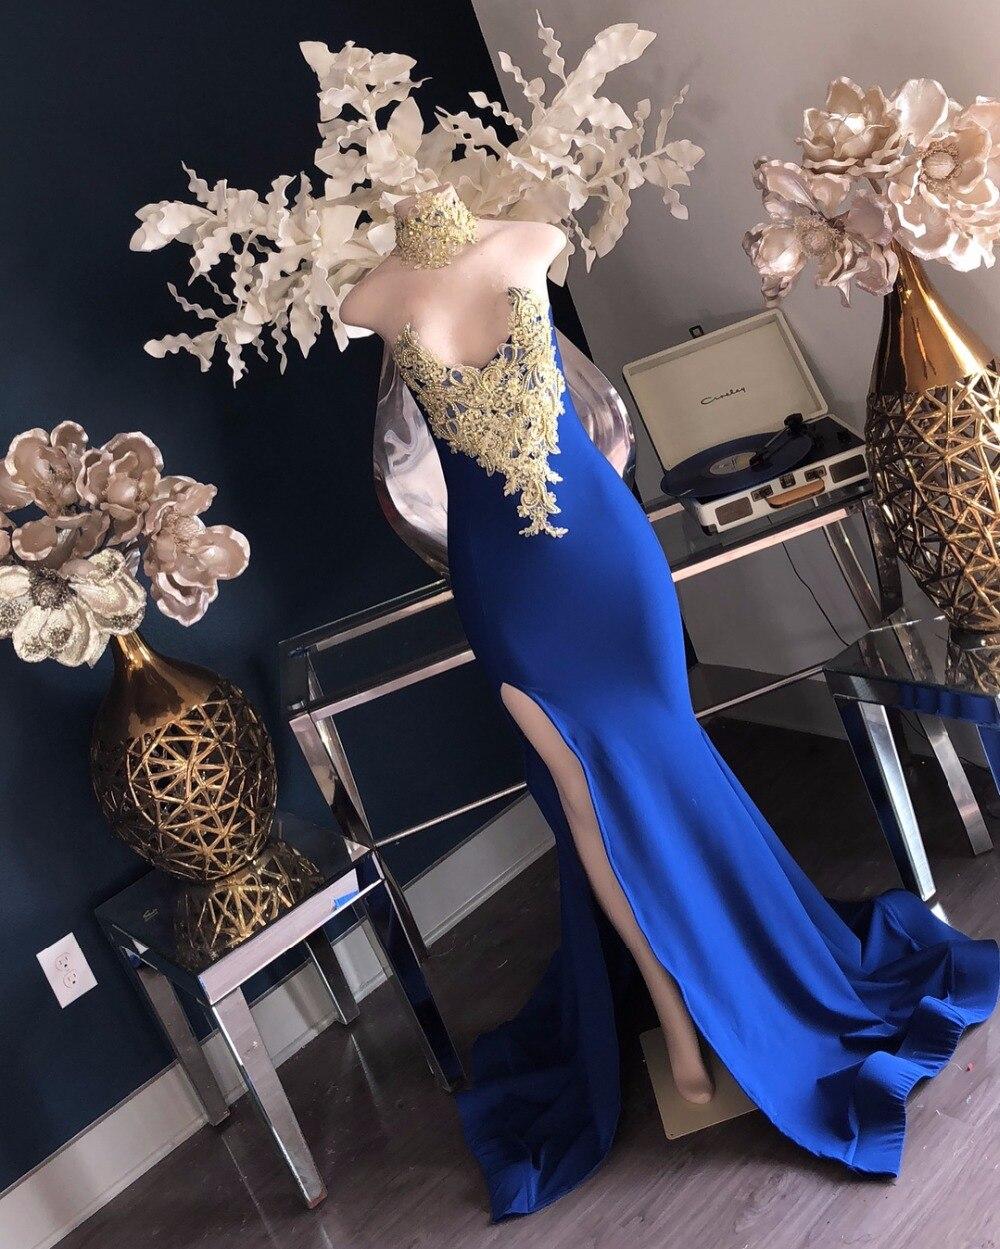 Vestidos de graduación de sirena azul real 2020 Sexy apliques dorados de encaje con cuello en V abertura larga de satén niña negra africana Vestido largo de fiesta de graduación